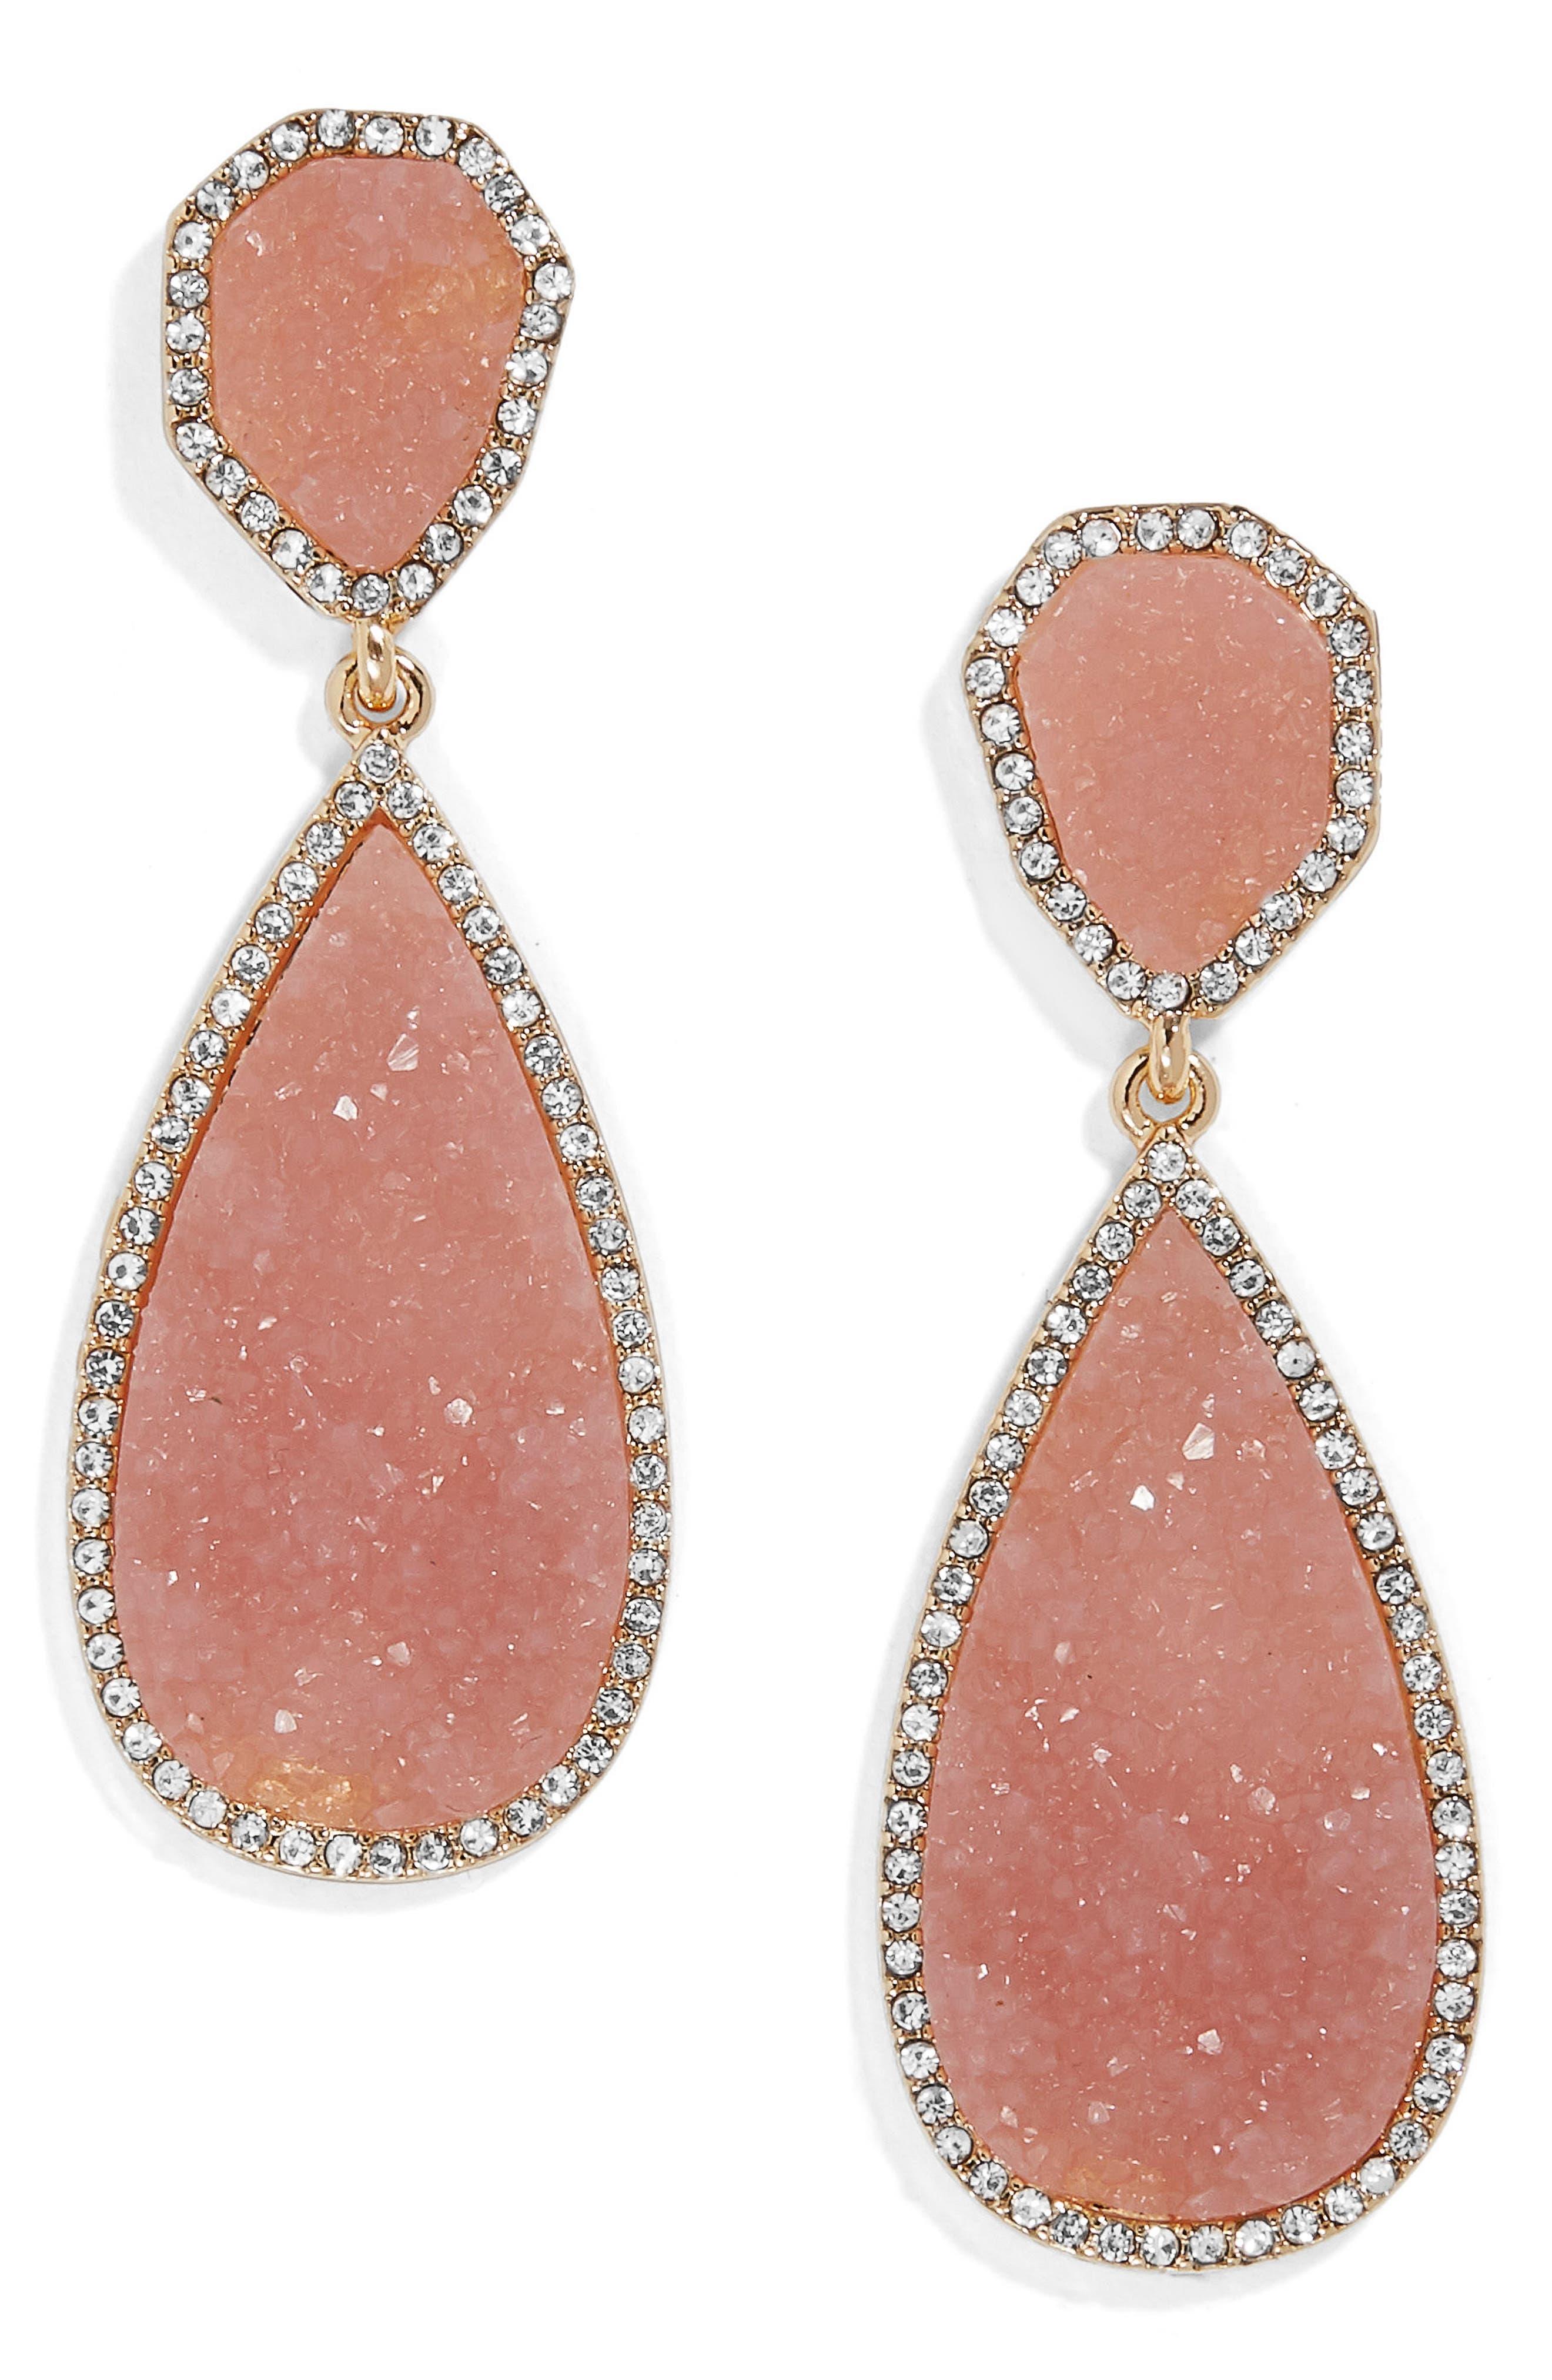 Moonlight Drop Earrings,                             Main thumbnail 1, color,                             Pink